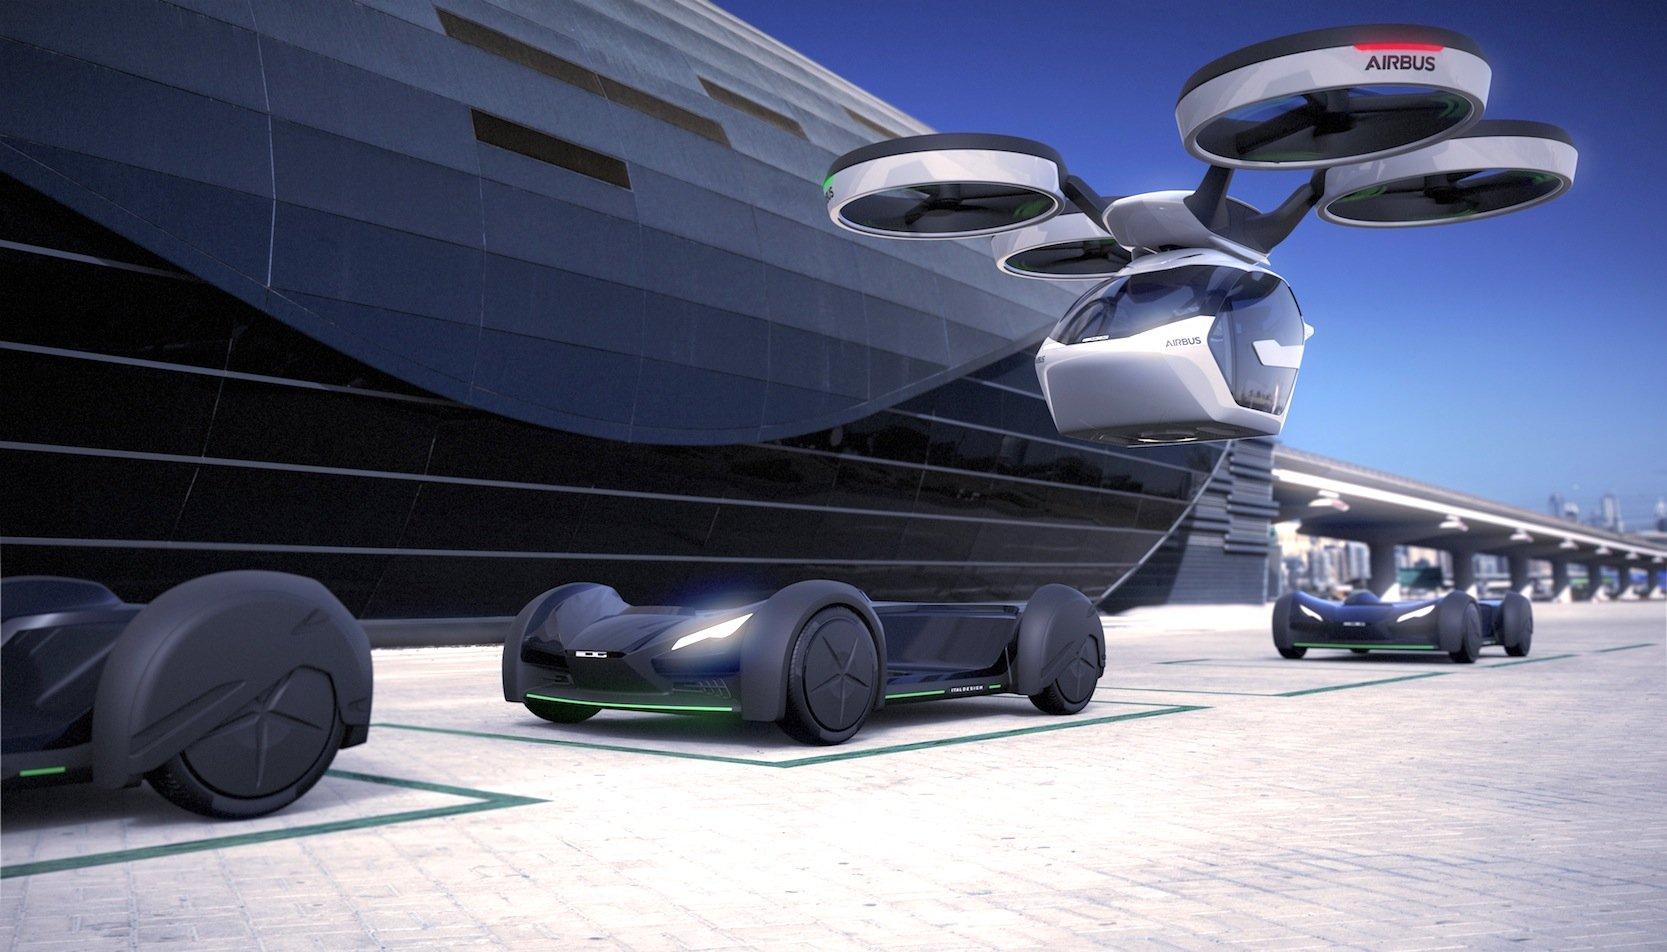 Die Fahrgestelle stehen an Sammelpunkten und warten auf Drohnen, die Kabinen mit Fahrgästen absetzen.